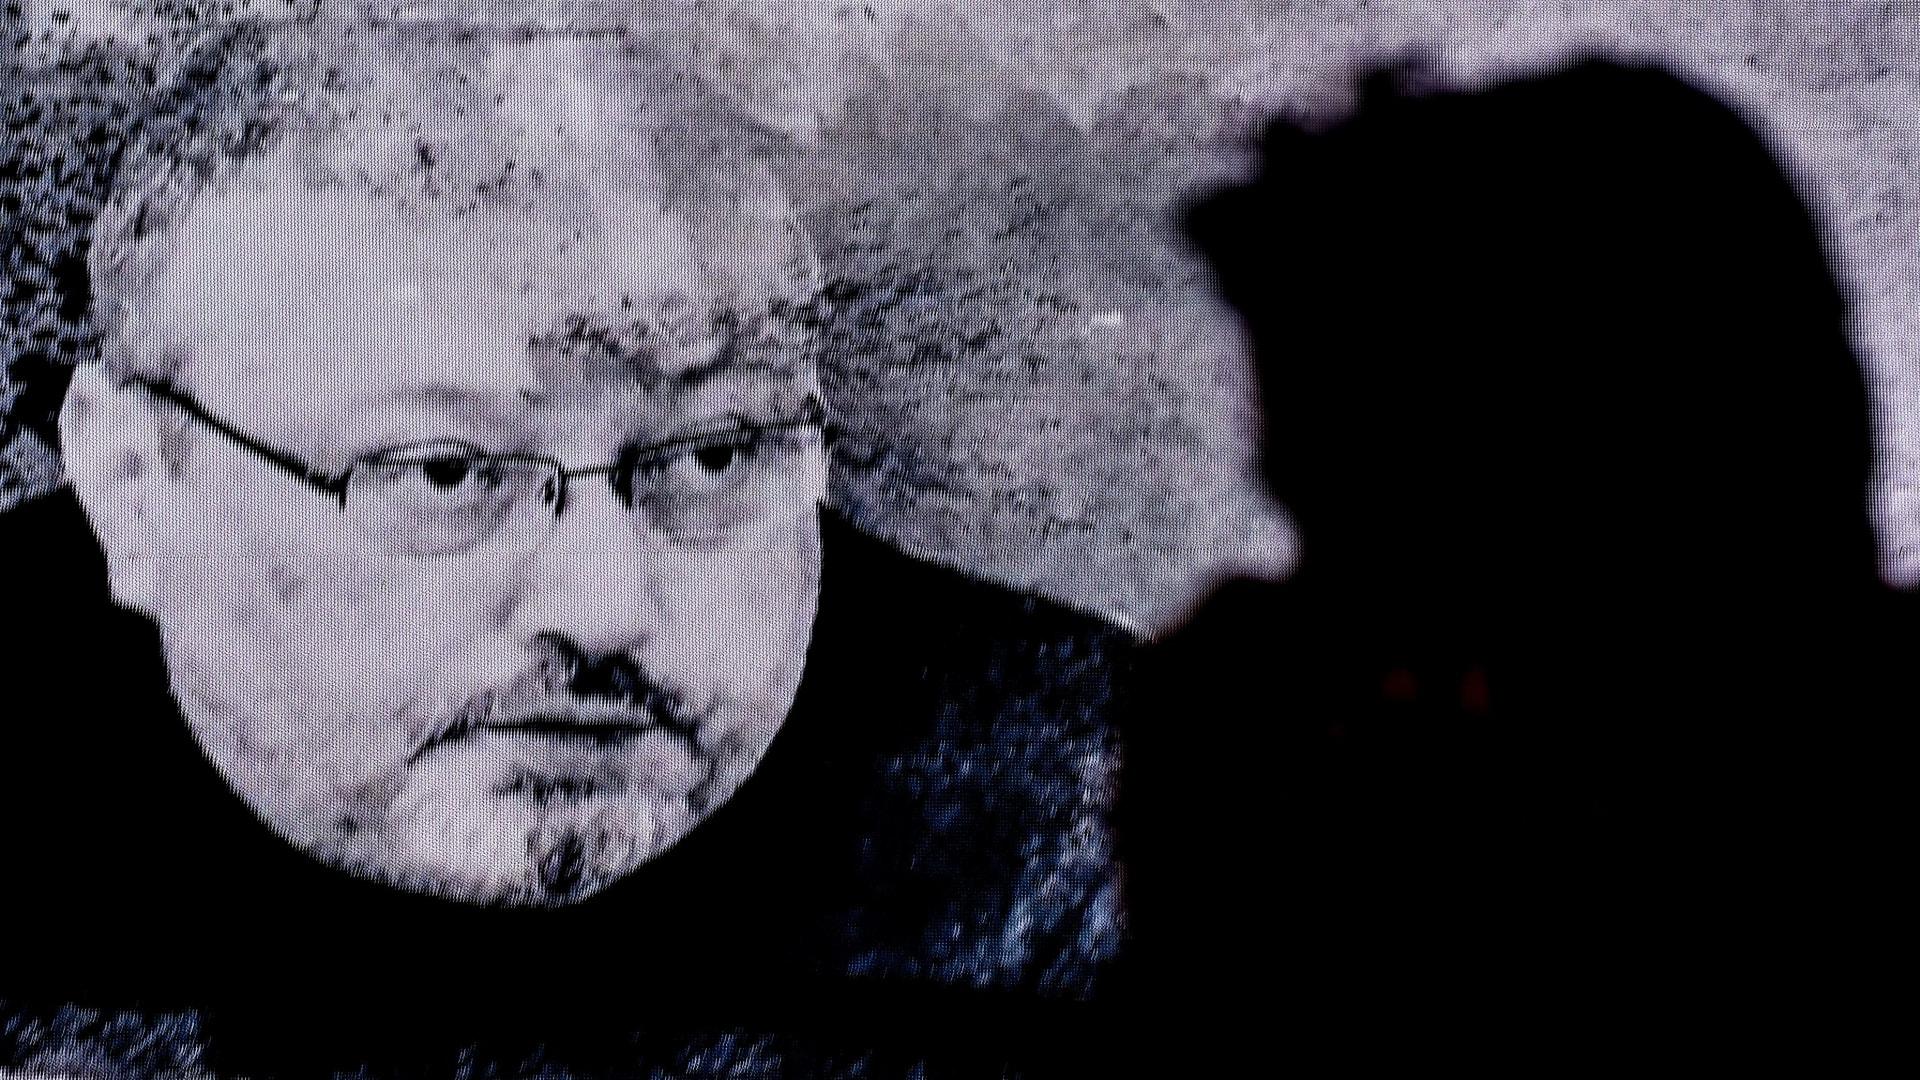 قضية خاشقجي.. محققة الأمم المتحدة تزور محيط قنصلية السعودية في اسطنبول